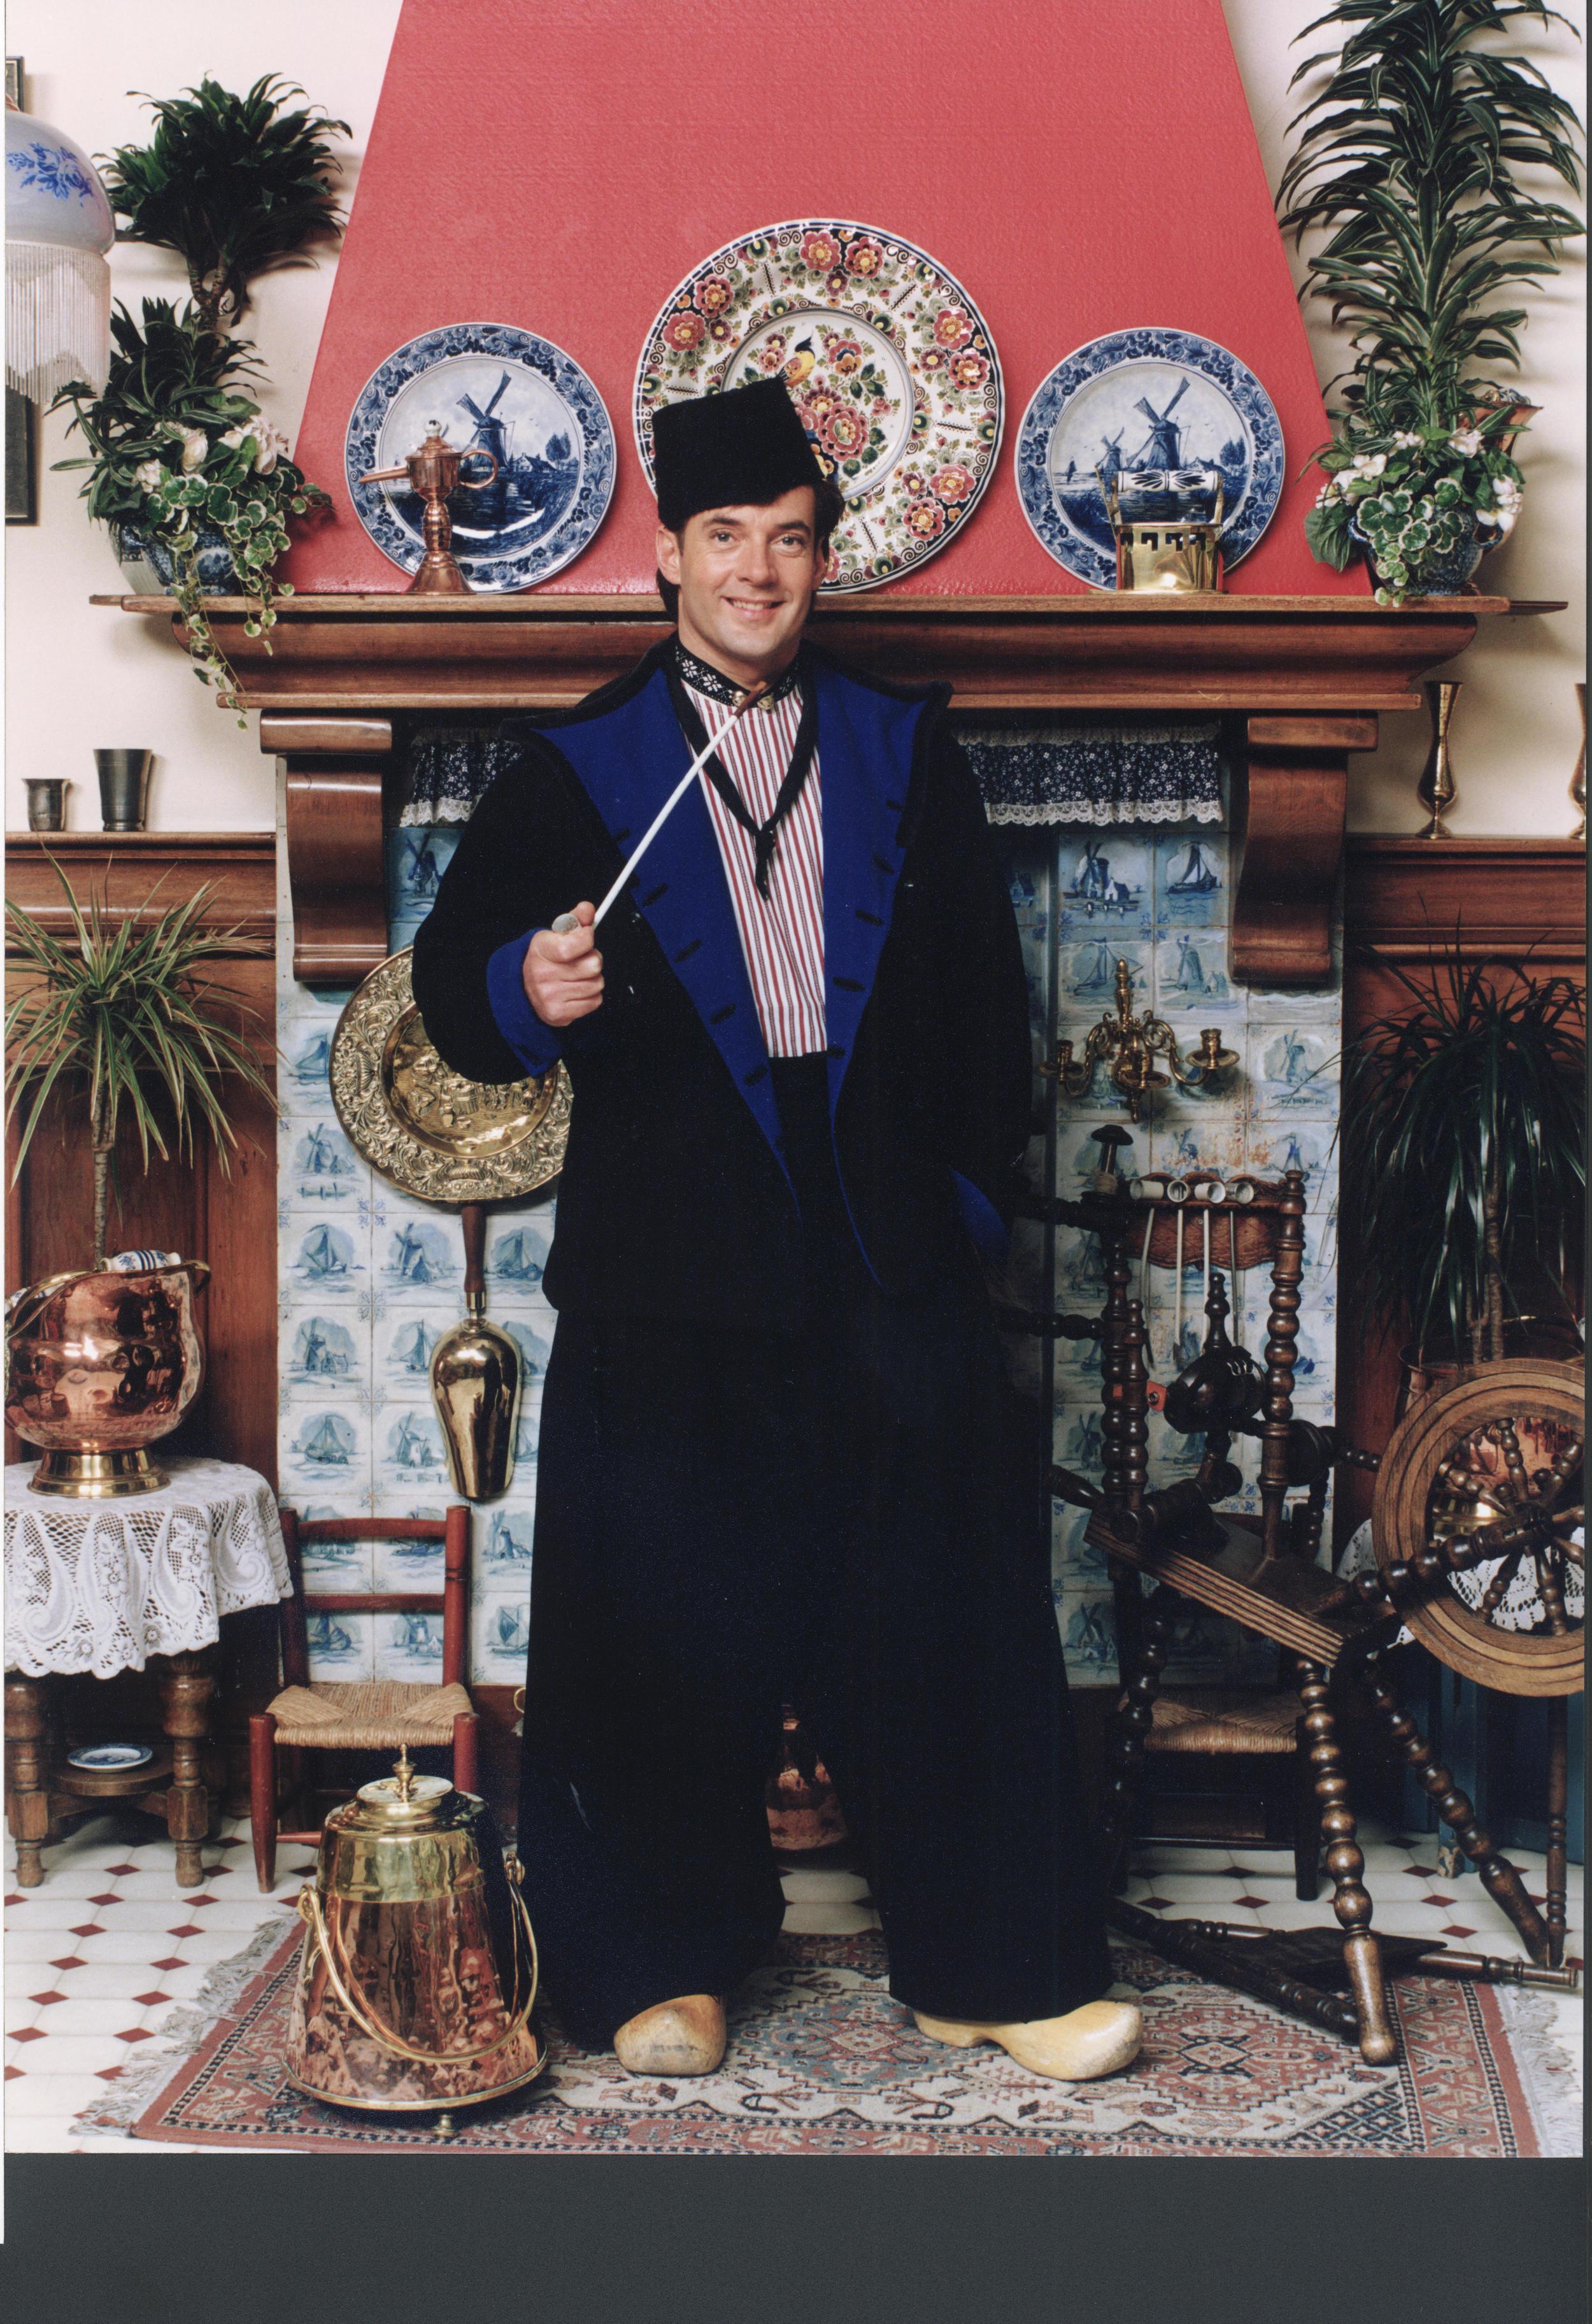 Gerard Joling in Volendamse klederdracht